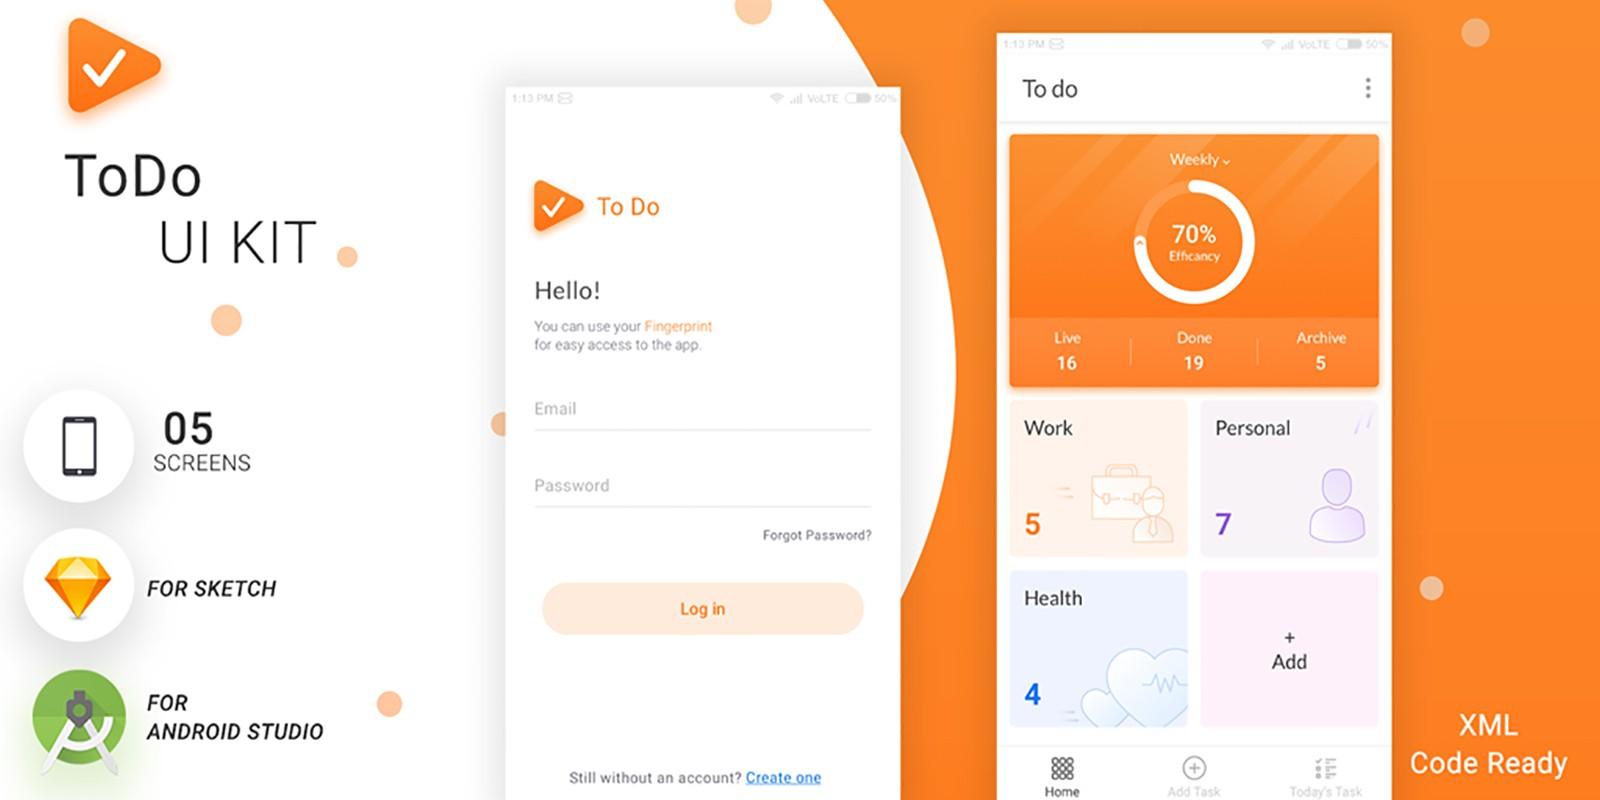 Todo - Android Studio UI Kit